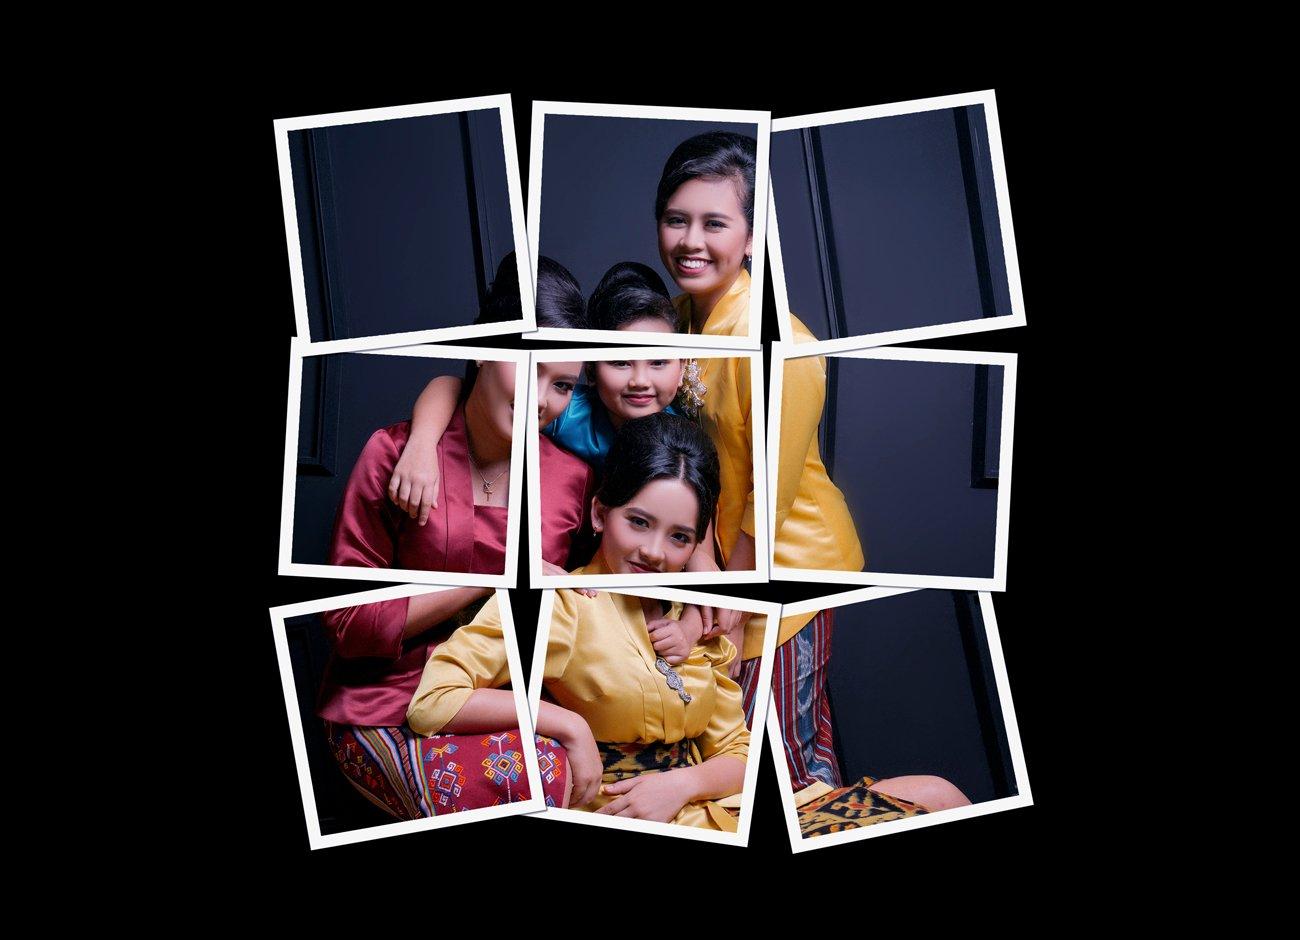 拼贴效果照片处理特效PS动作模板素材 Collage Photo Effect PS Action插图9